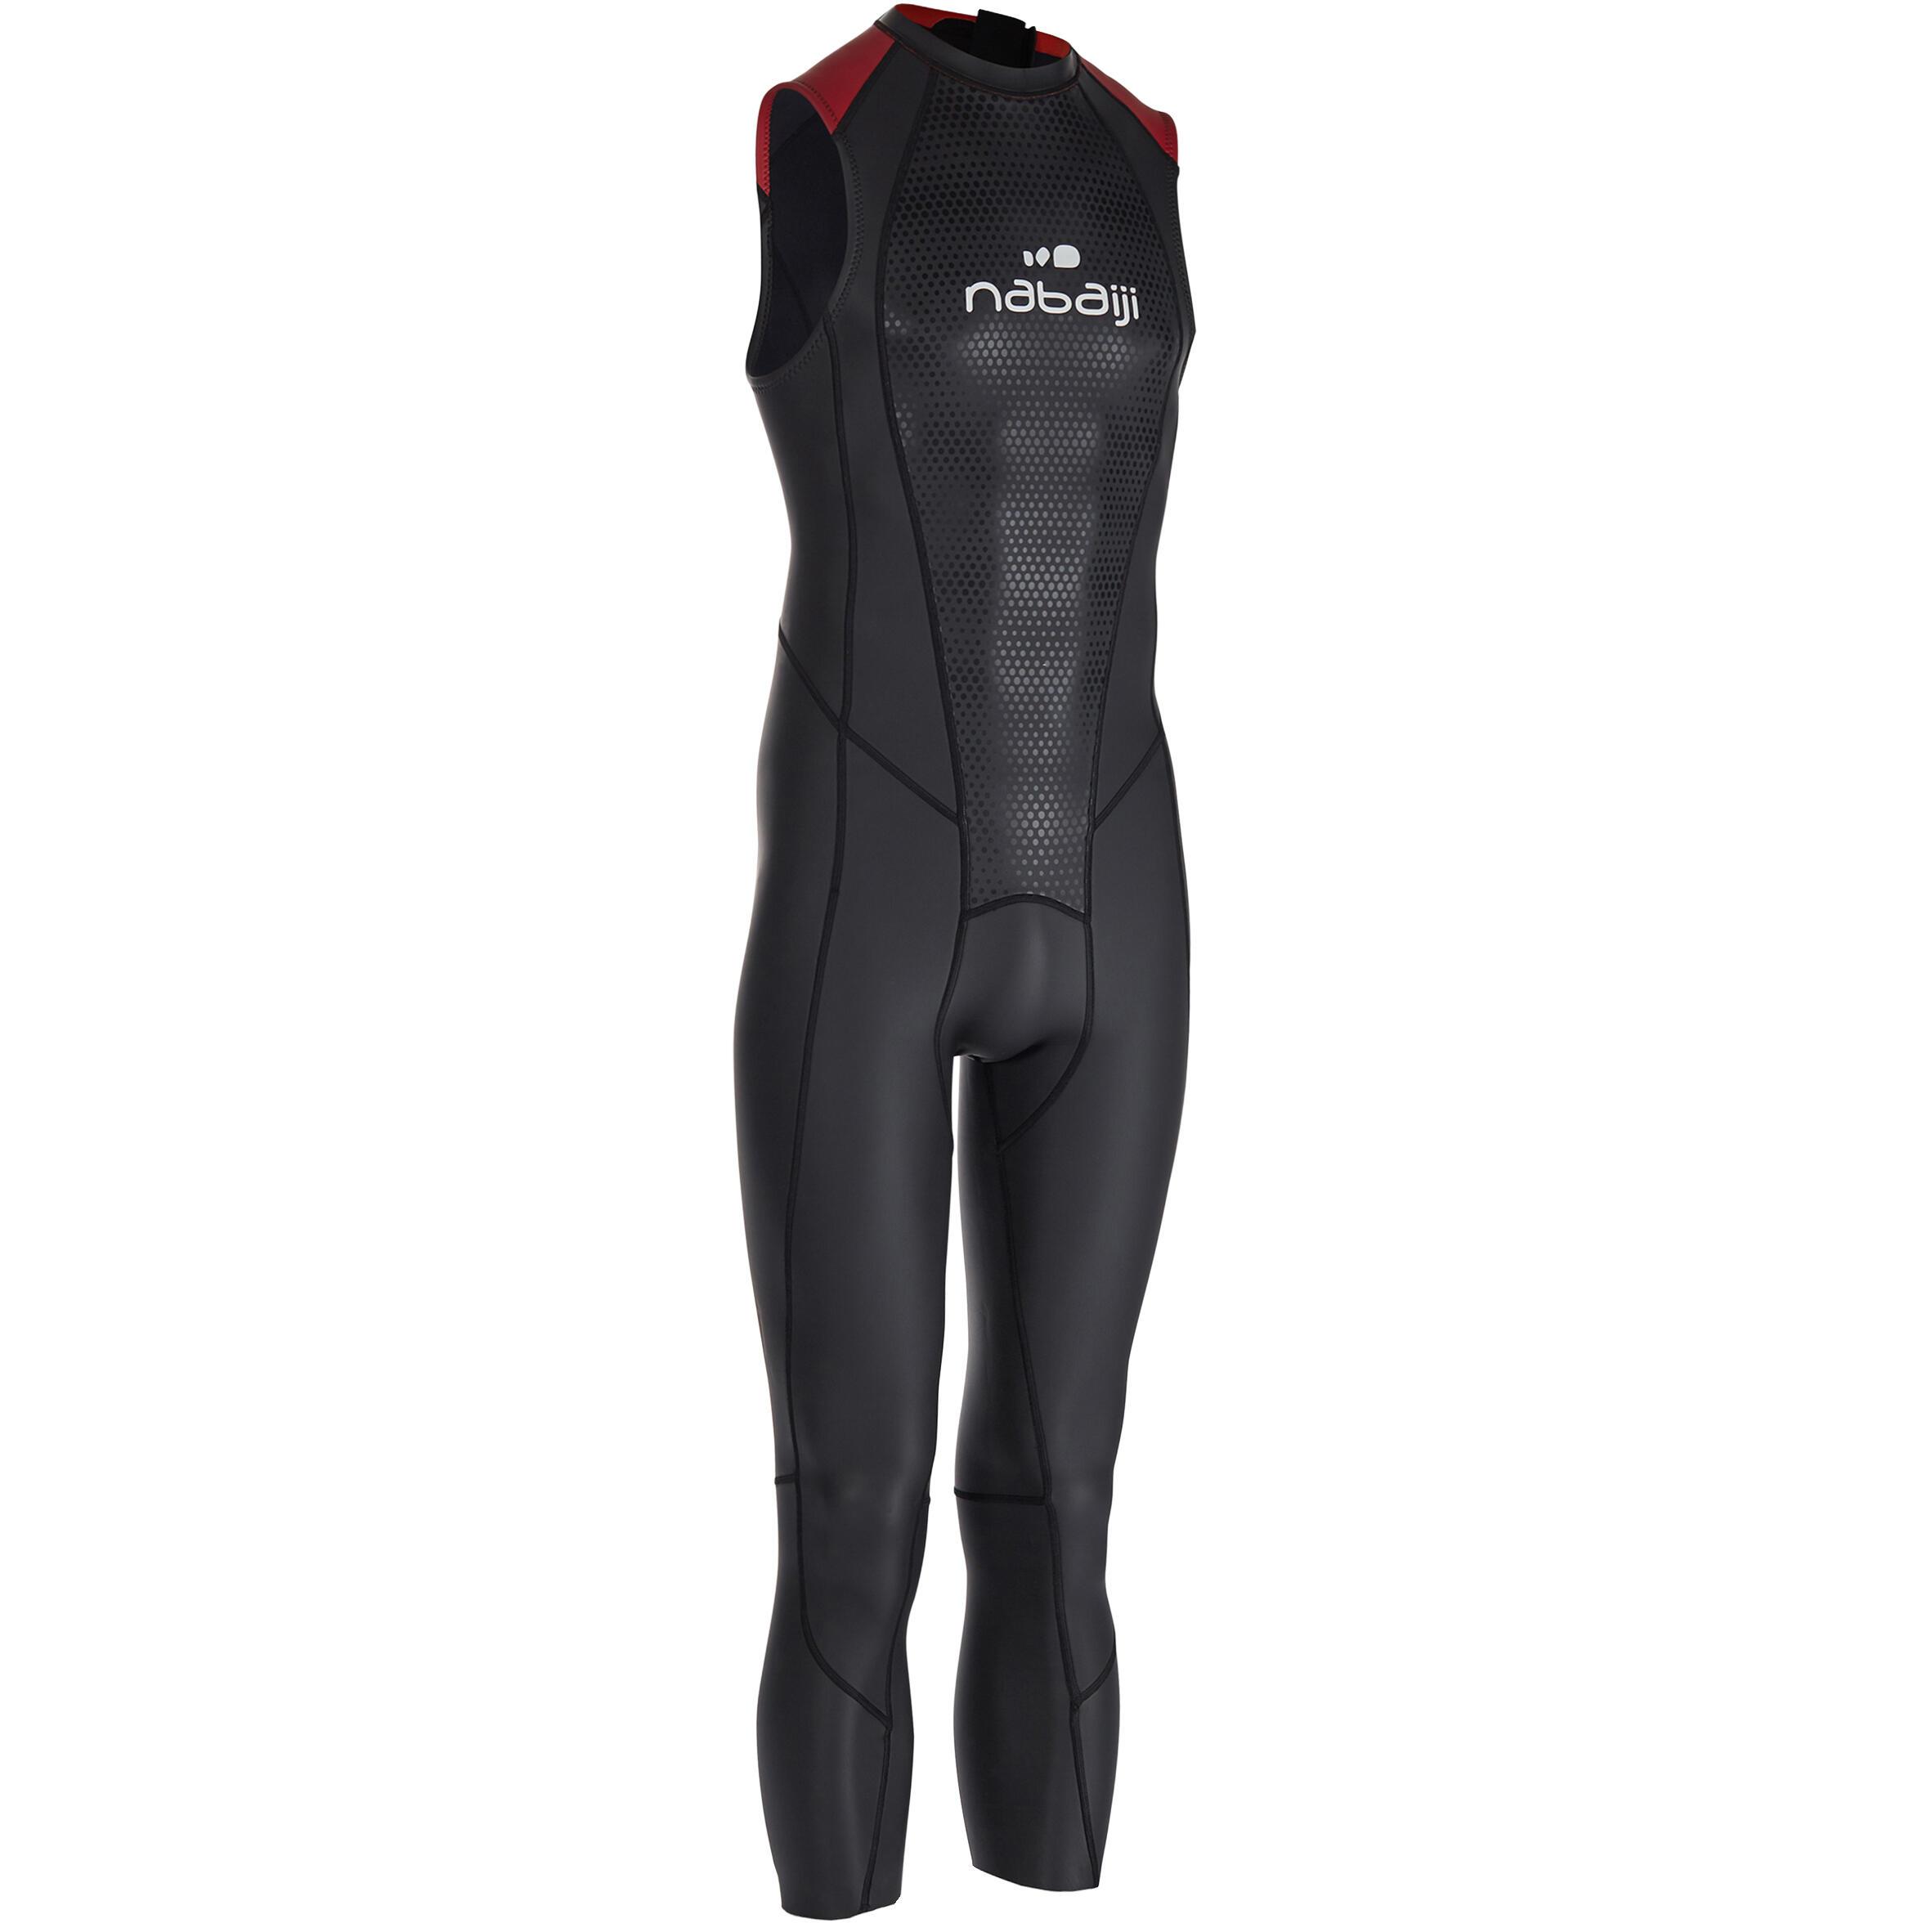 Combinaison sans manche de natation néoprène nage eau libre OWS500 2/2mm homme